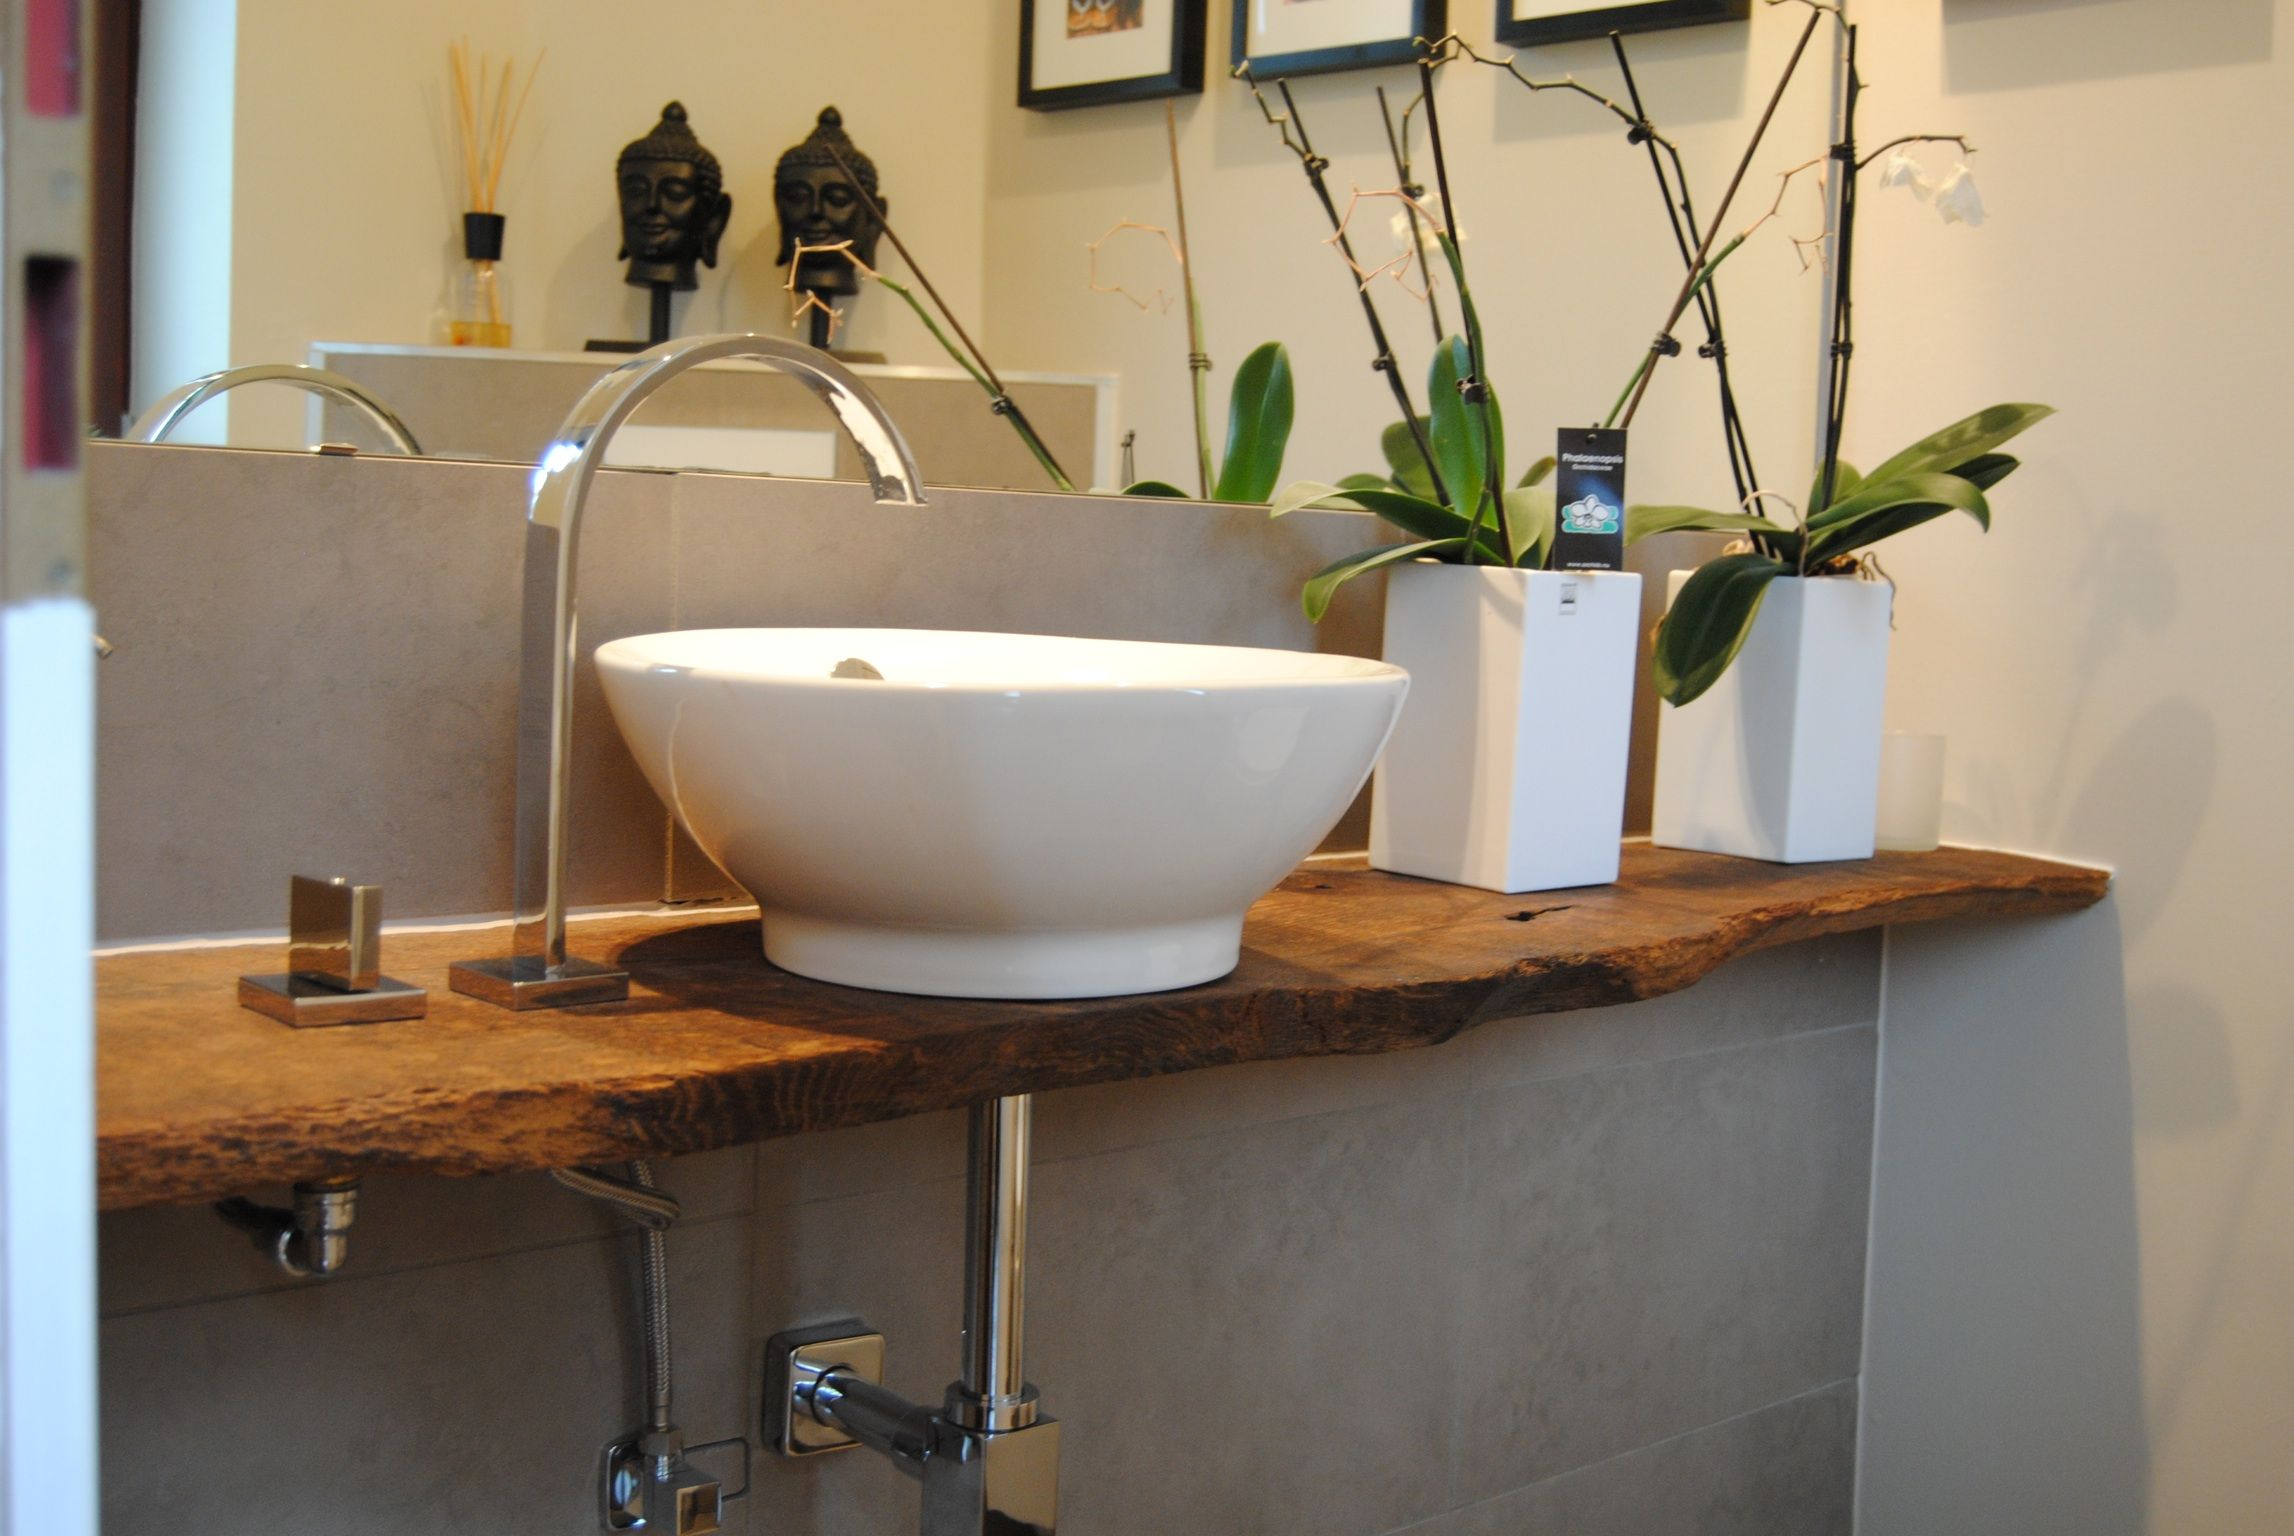 waschtisch holz  GoogleSuche  new master bathroom